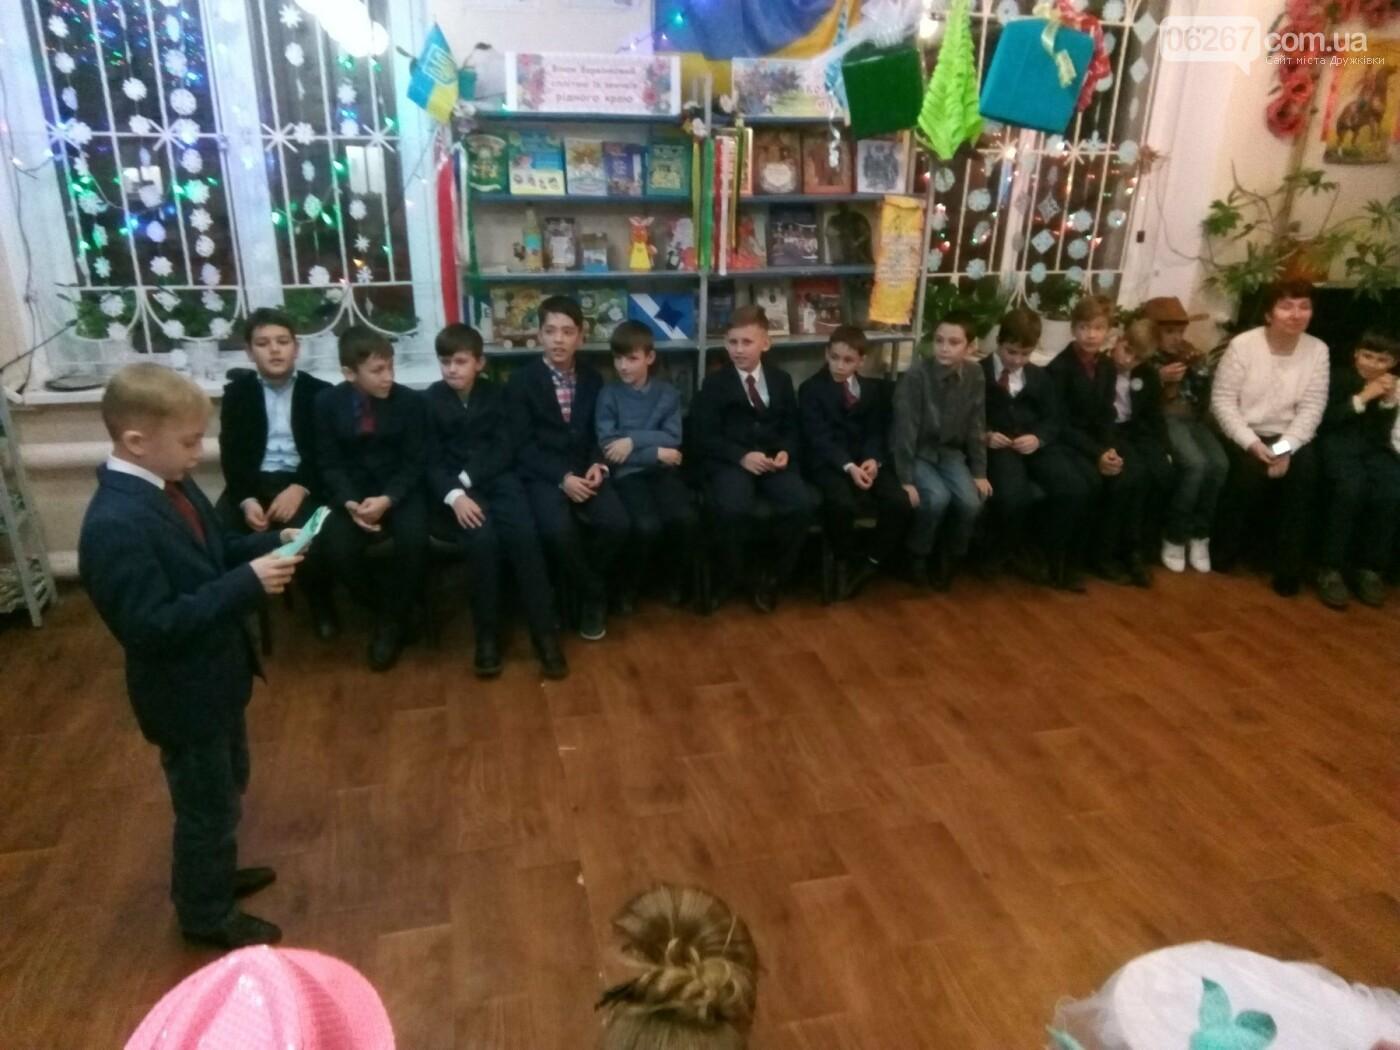 Дружковка: В детской библиотеке взрослые и дети пели, танцевали и читали стихи (ФОТО), фото-3